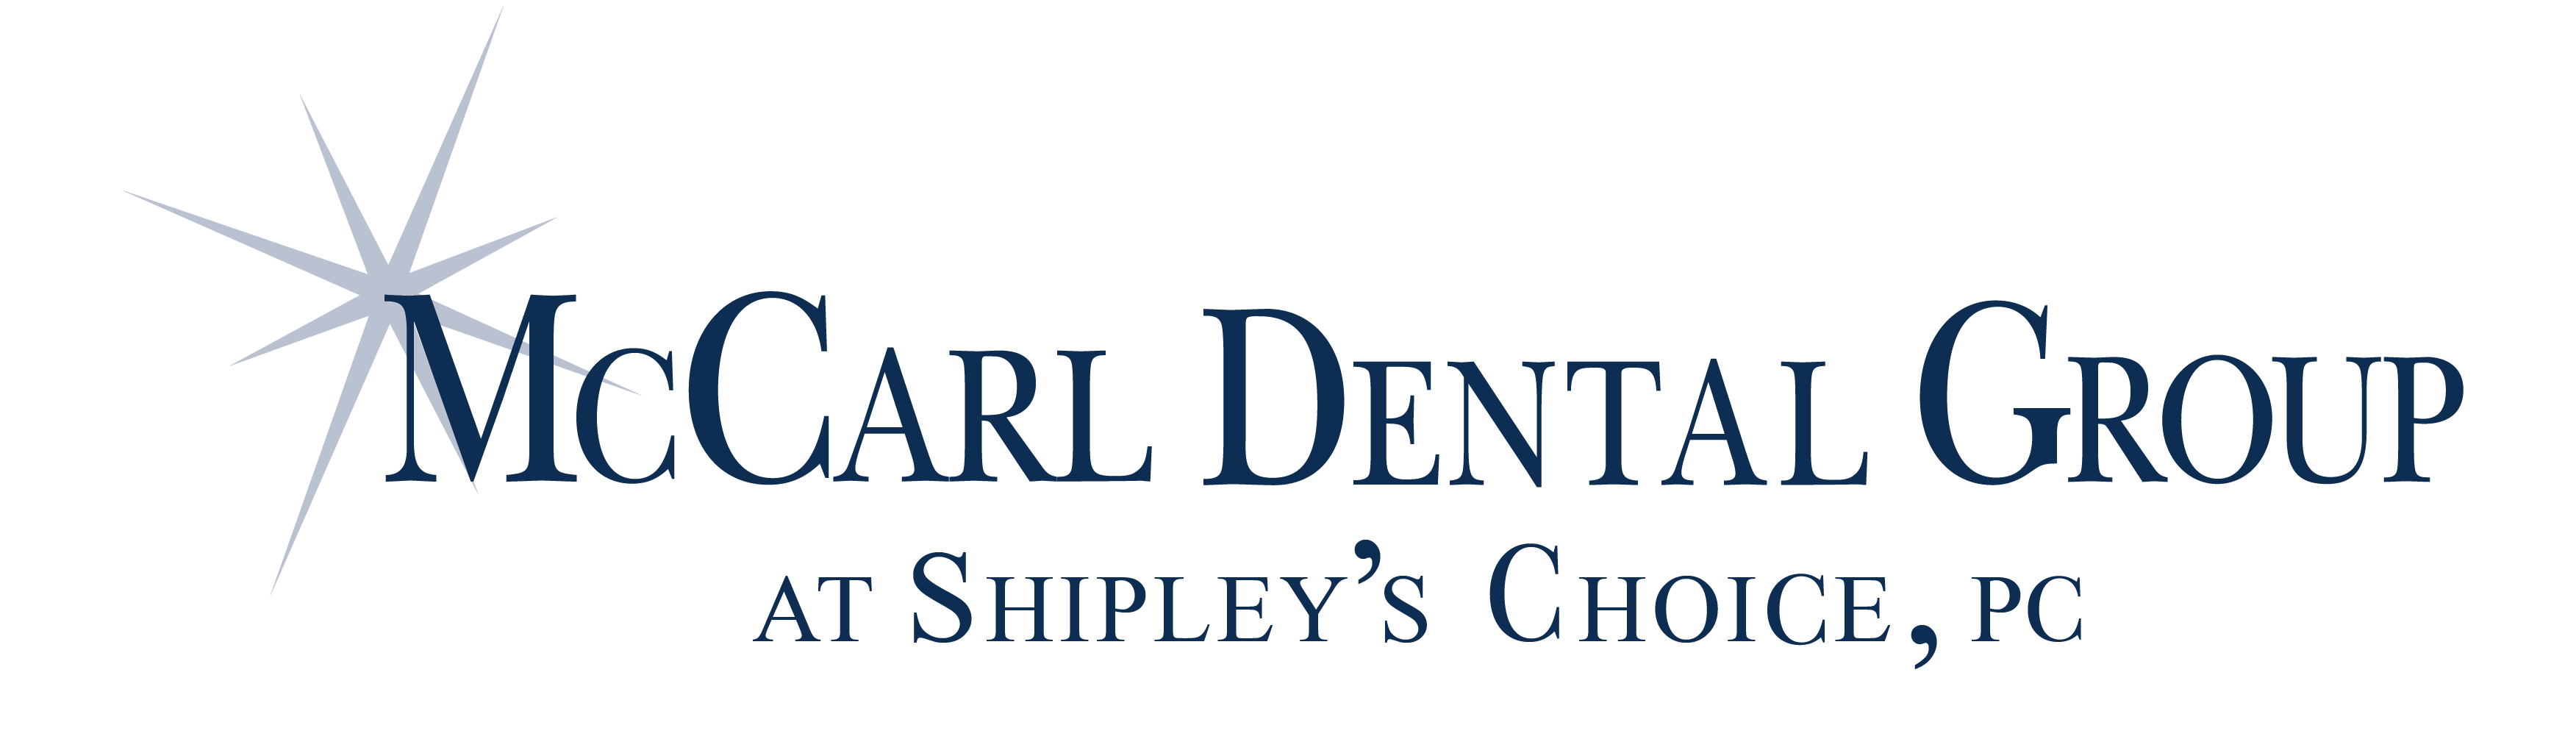 McCarl Dental Group at Shipley's Choice